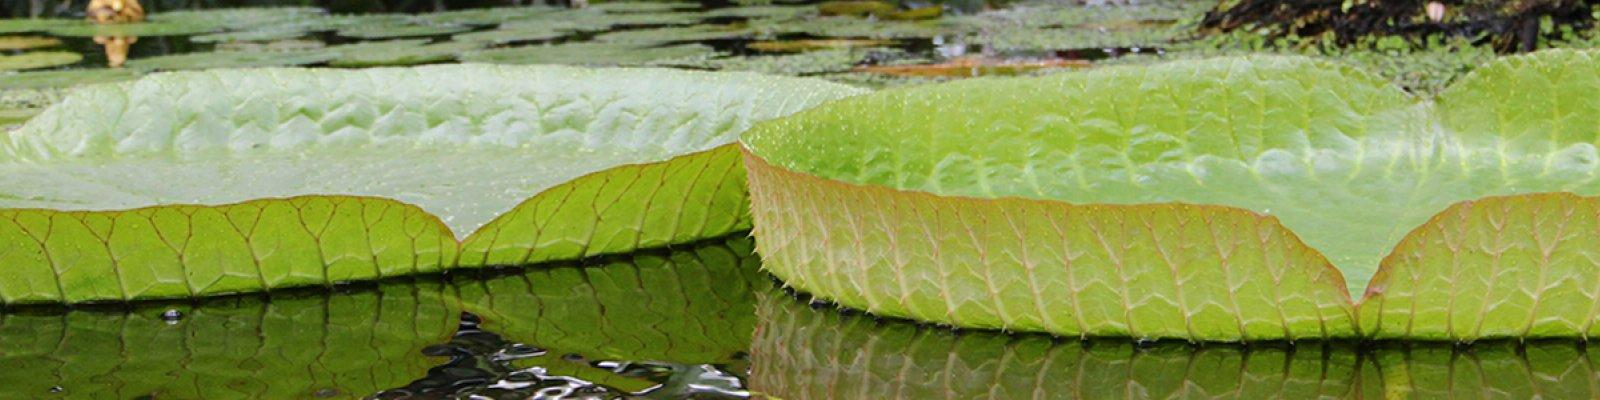 De enorme bladeren van een Victoria waterlelie